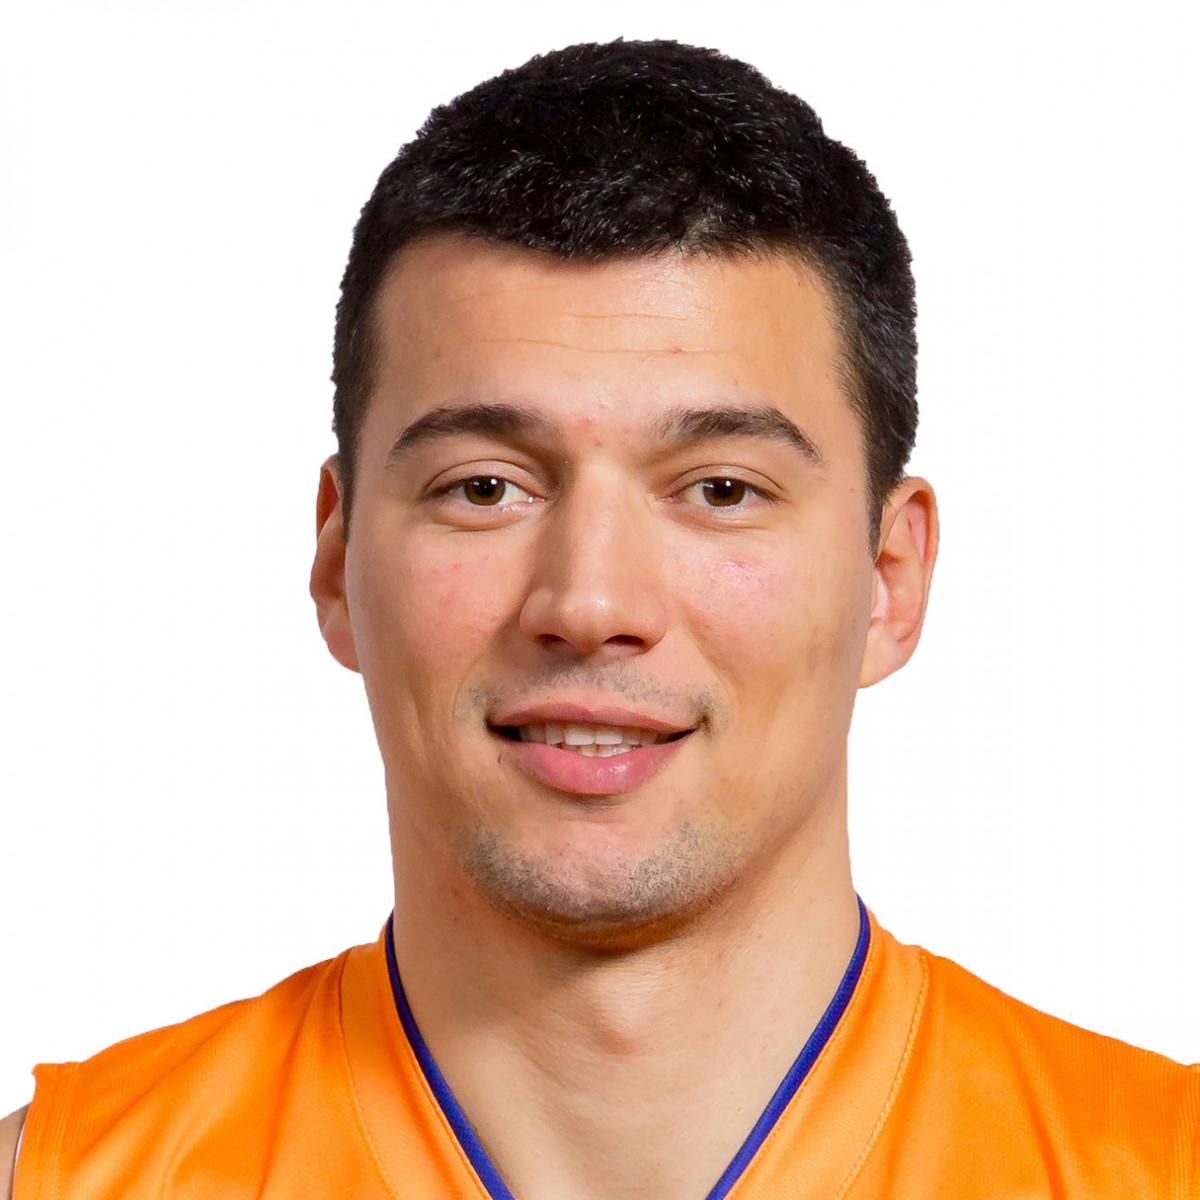 Marko Mugosa